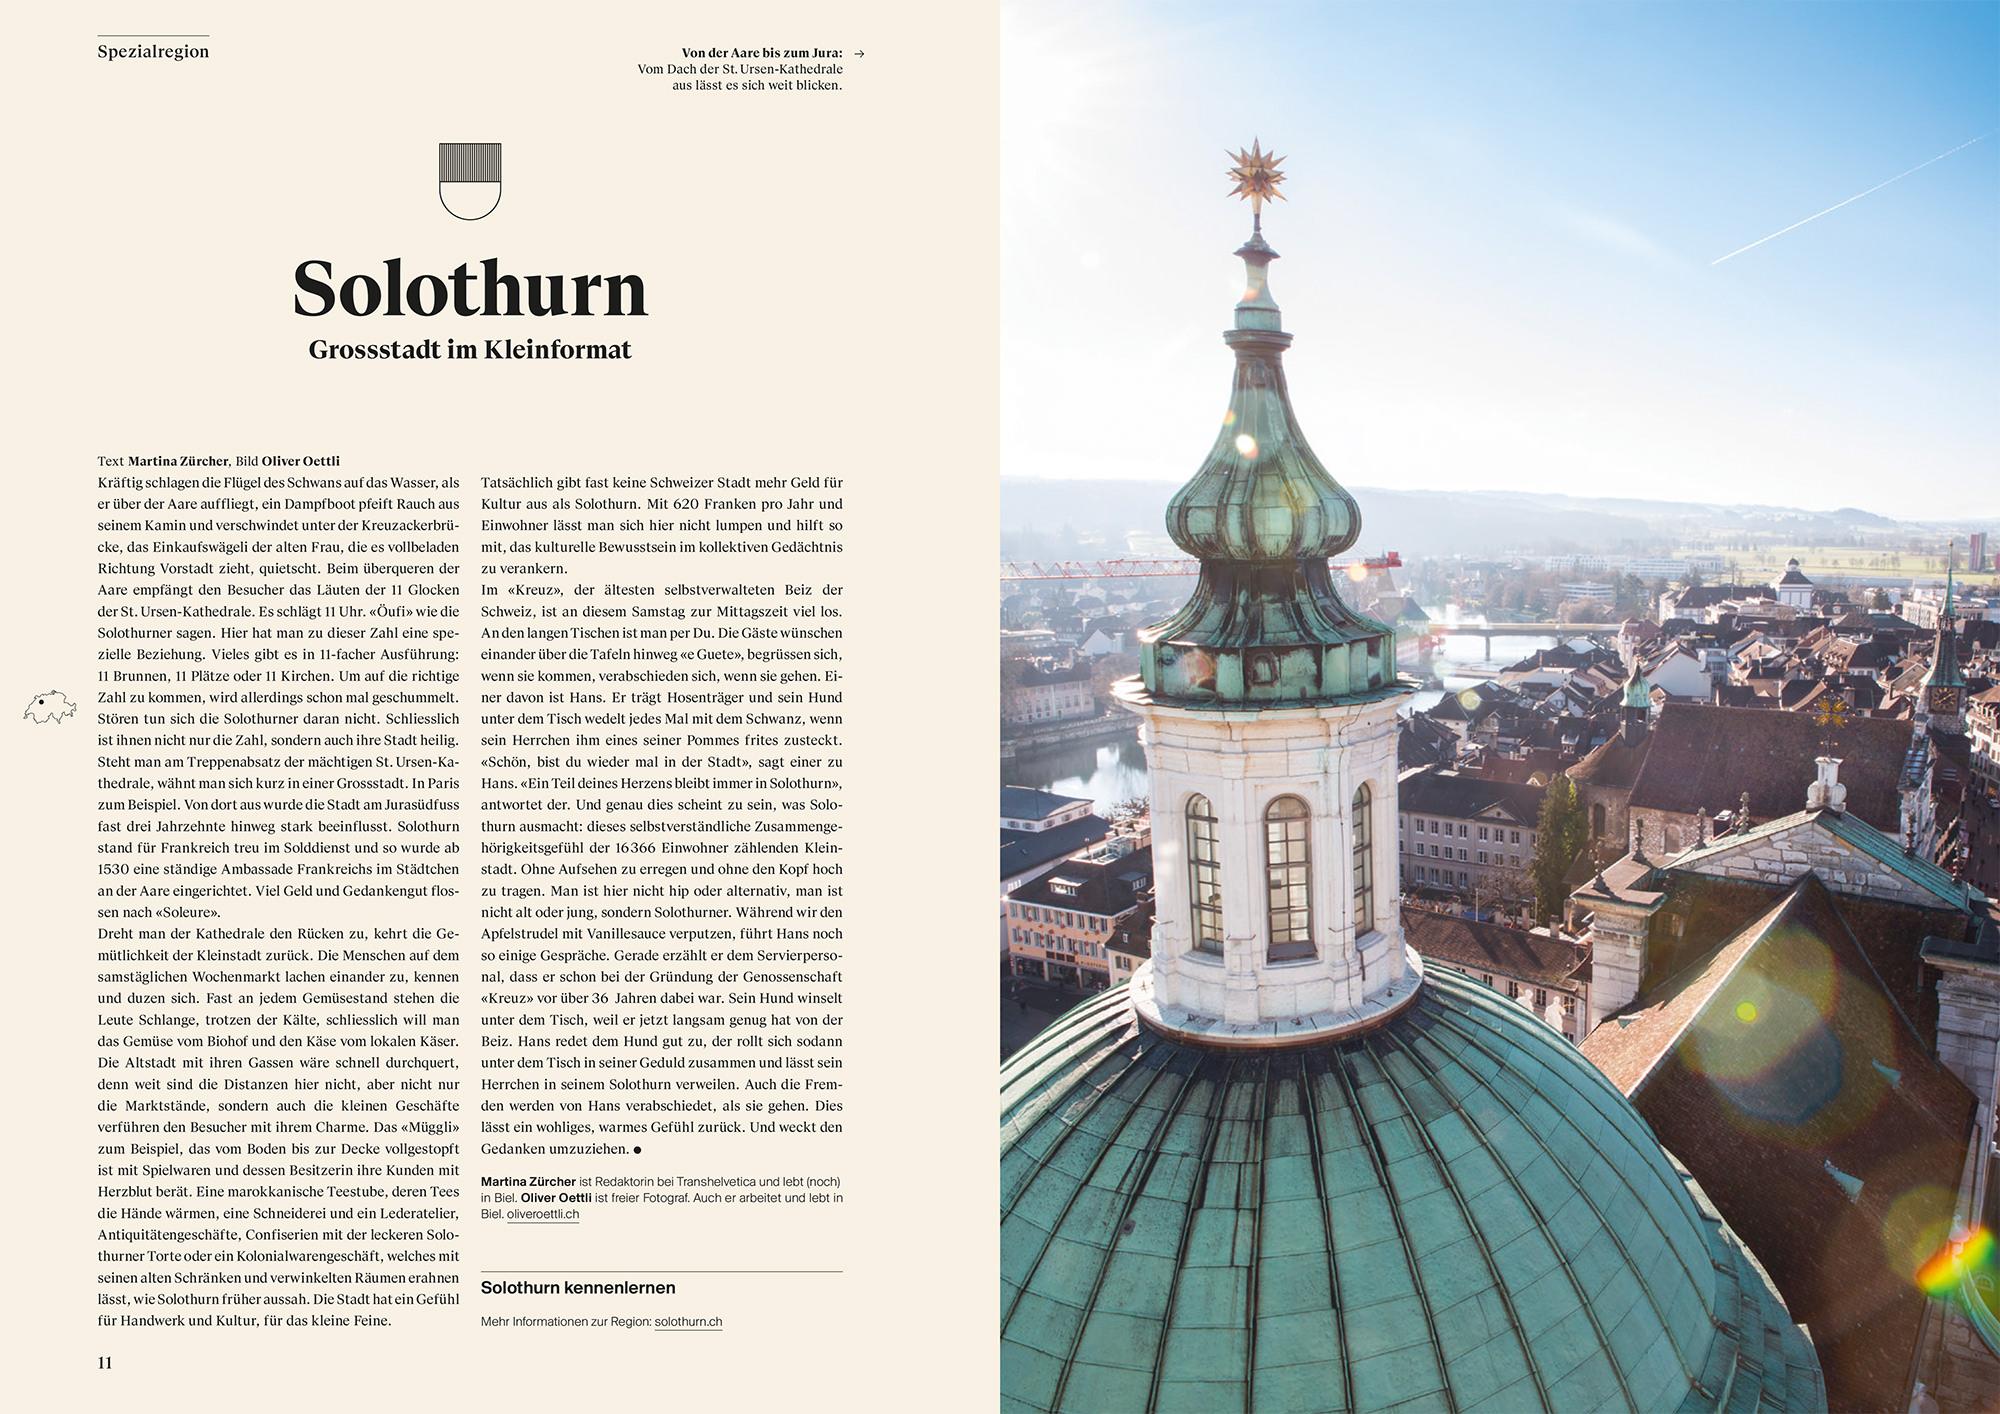 TH21-Spezialregion-SolothurnTeil1.jpg